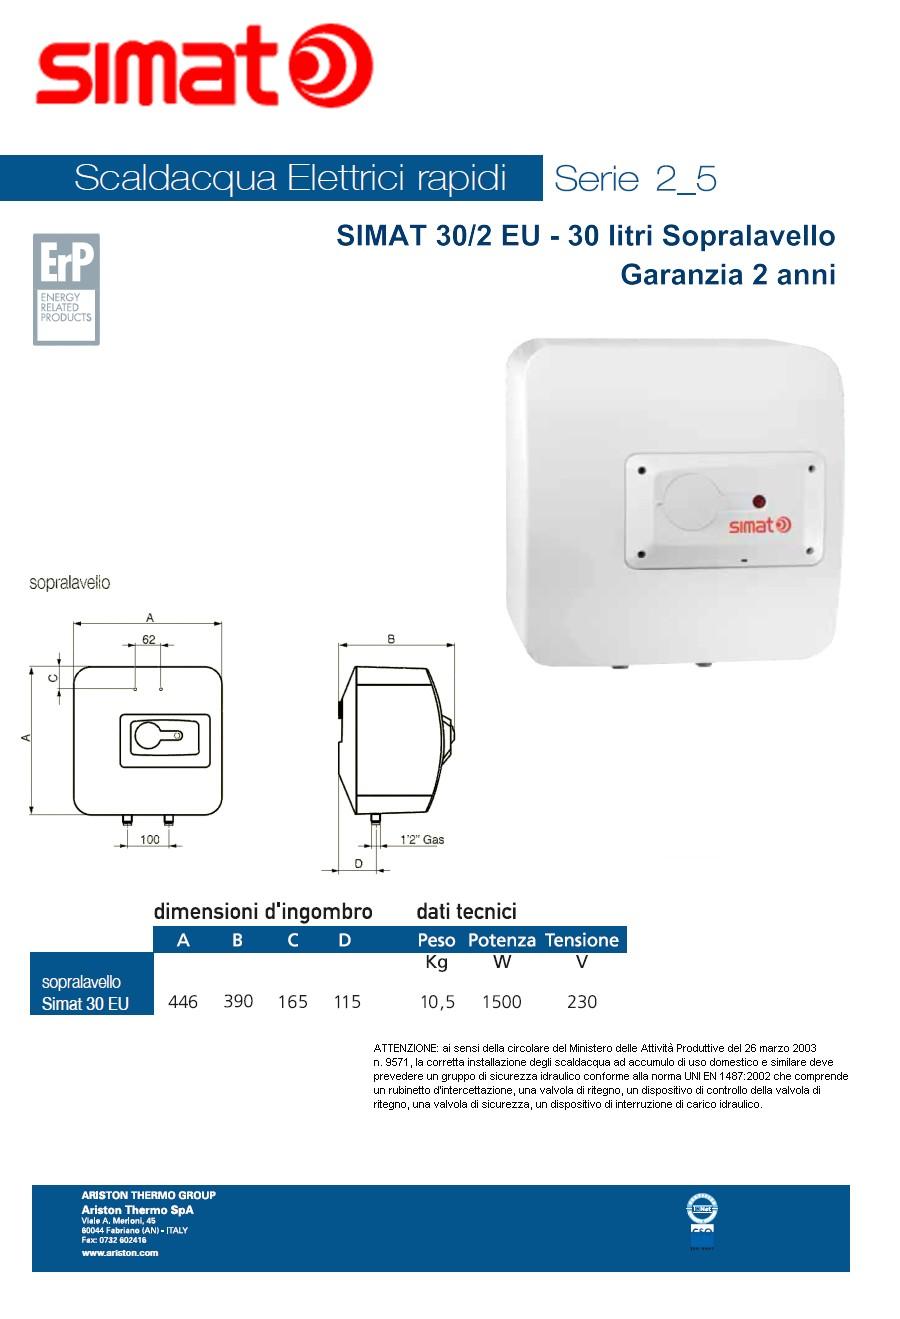 Scaldabagno elettrico simat by ariston 30 litri rapido sopralavello garanzia 2 anni climamarket - Scaldabagno elettrico 30 litri ...